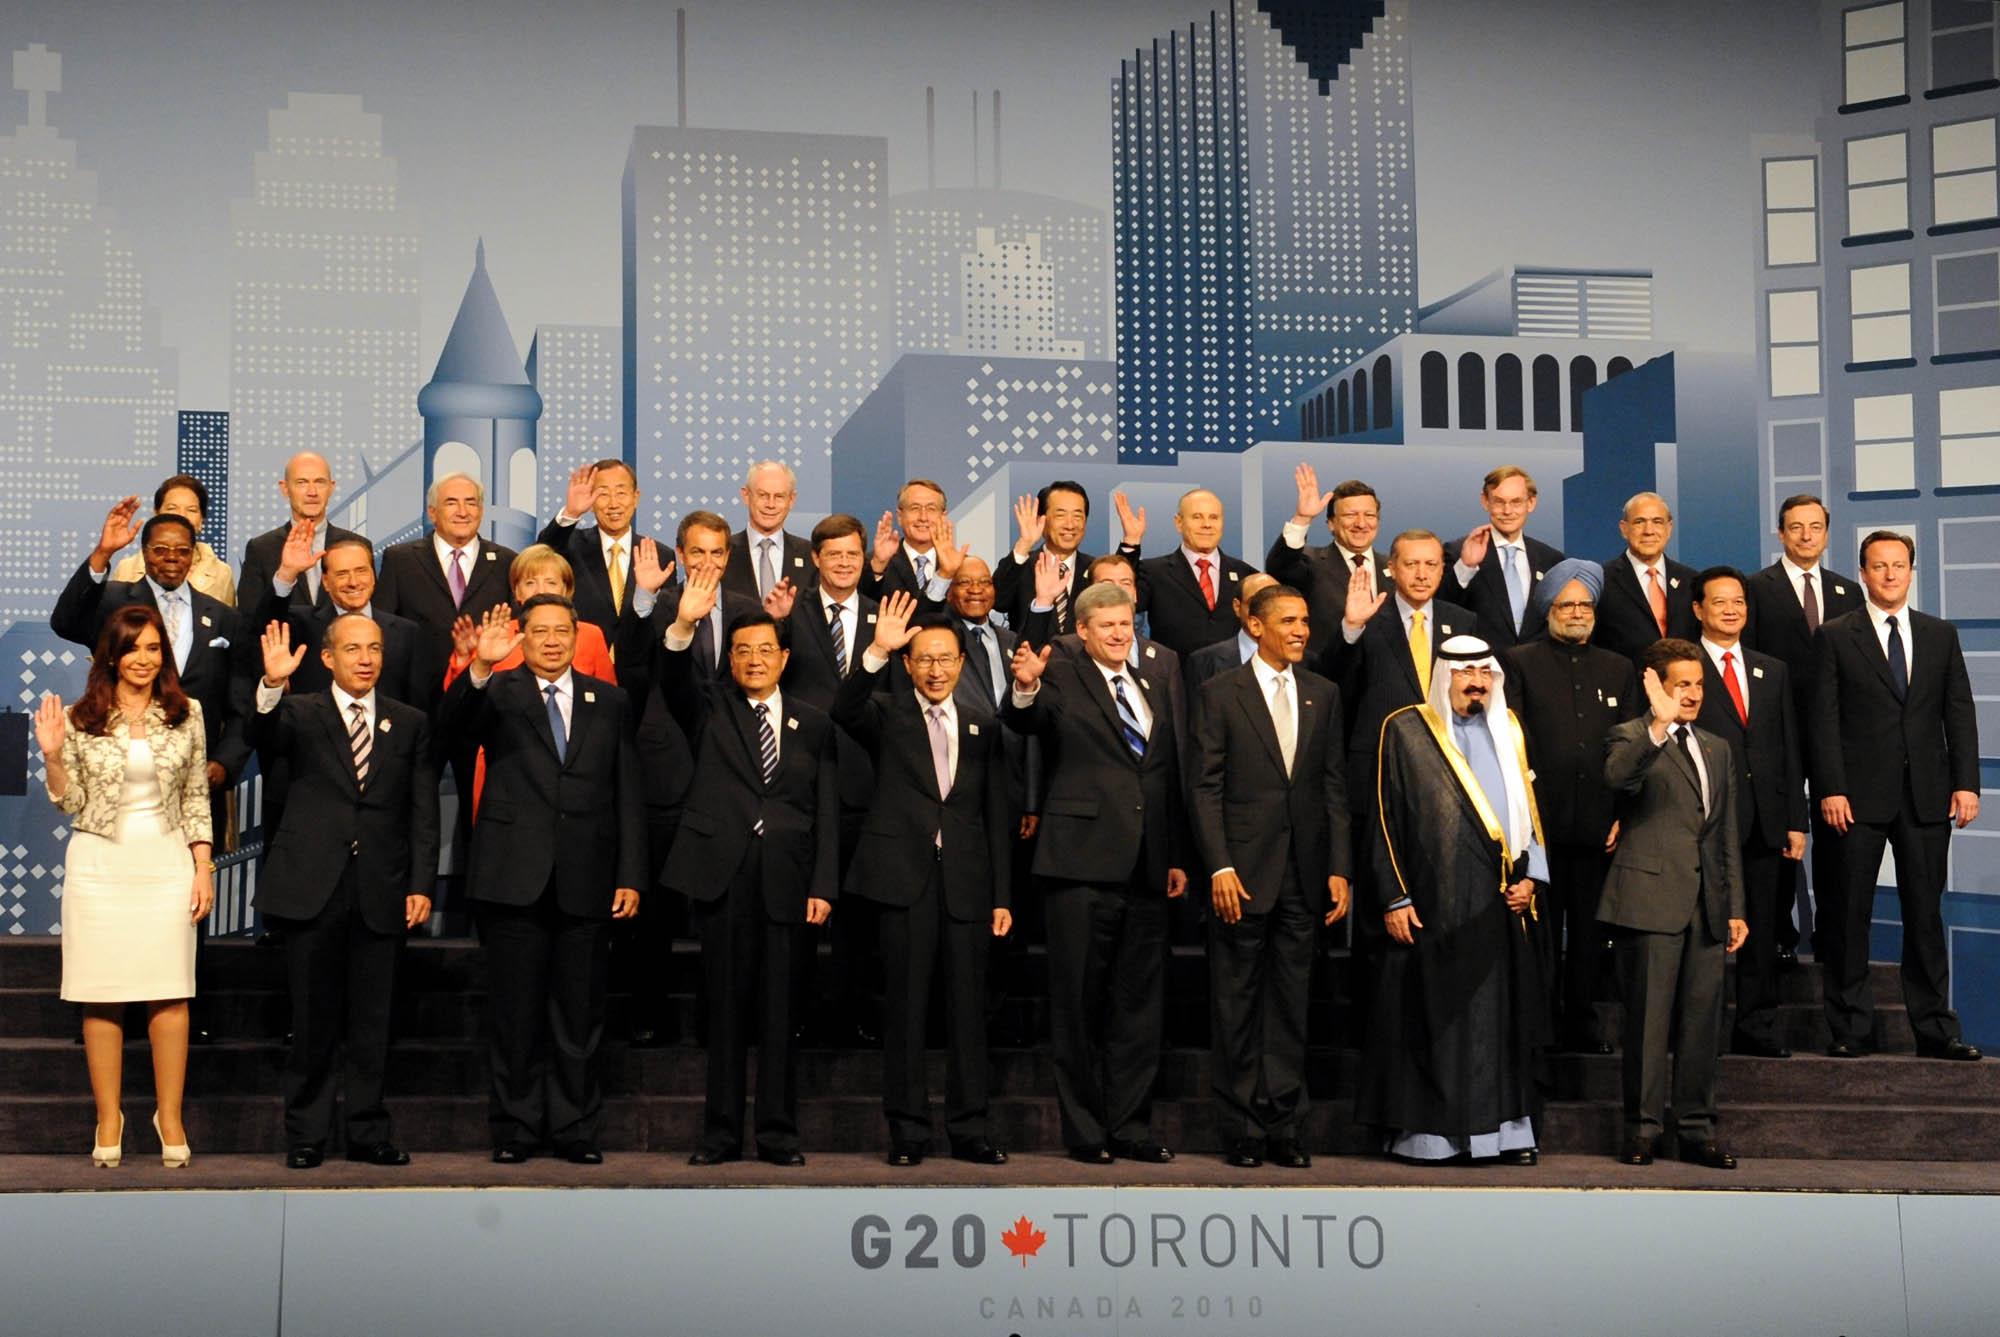 Depiction of Cumbre del G-20 de Toronto